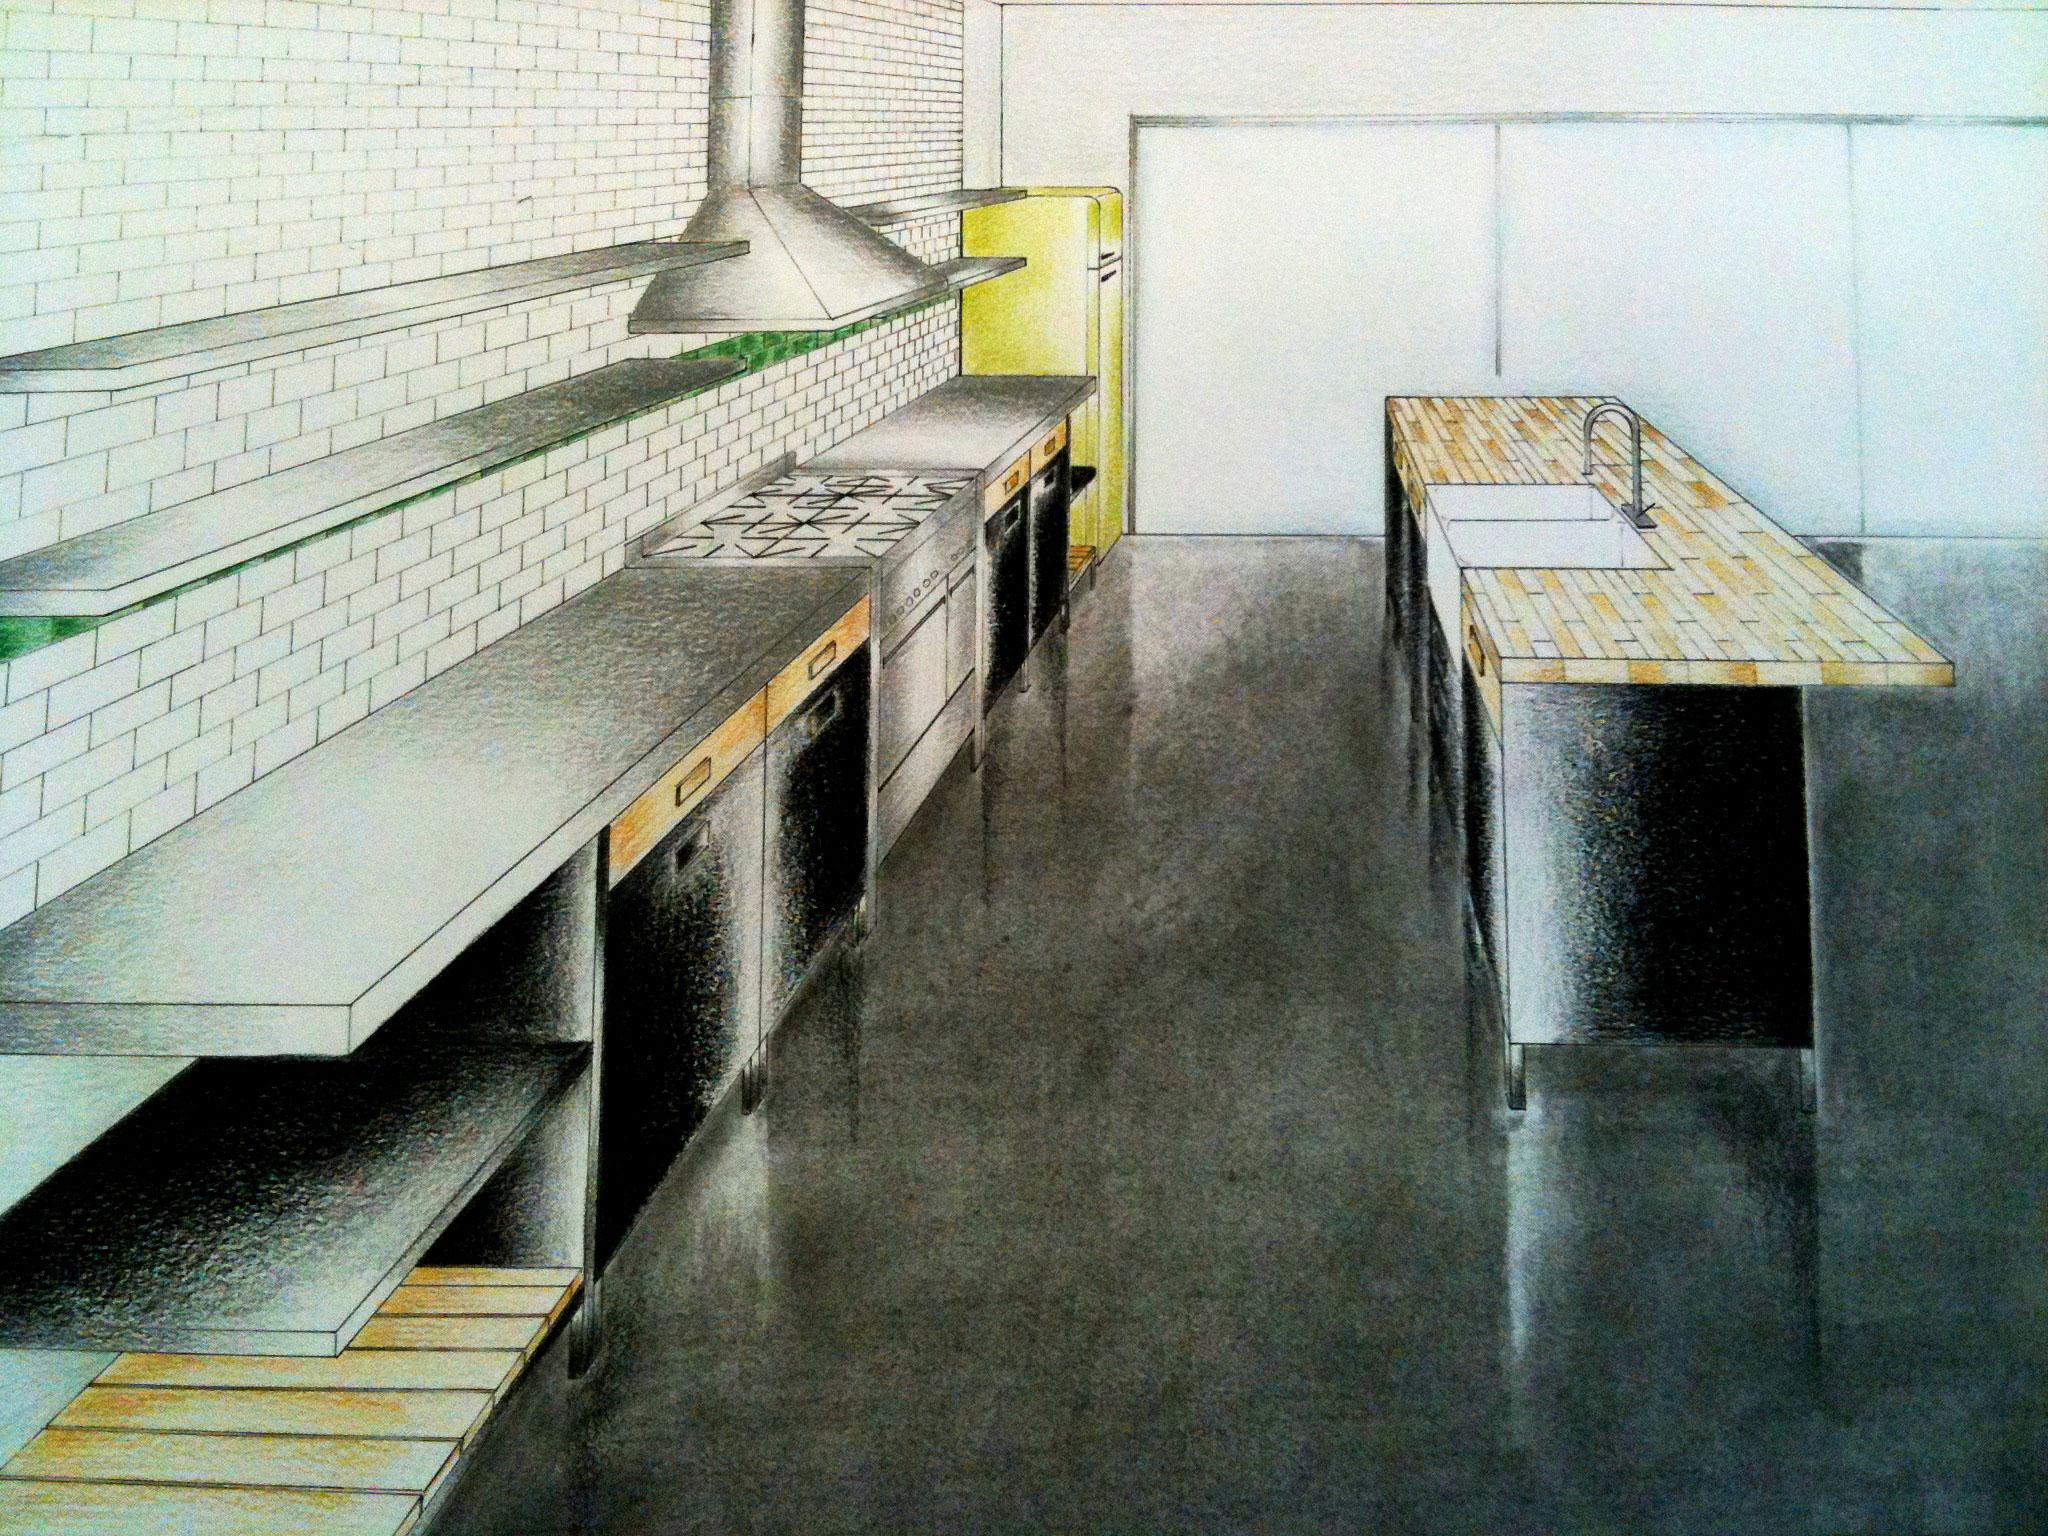 92 interior designer salary range uk uk interior for Salary range for interior designer